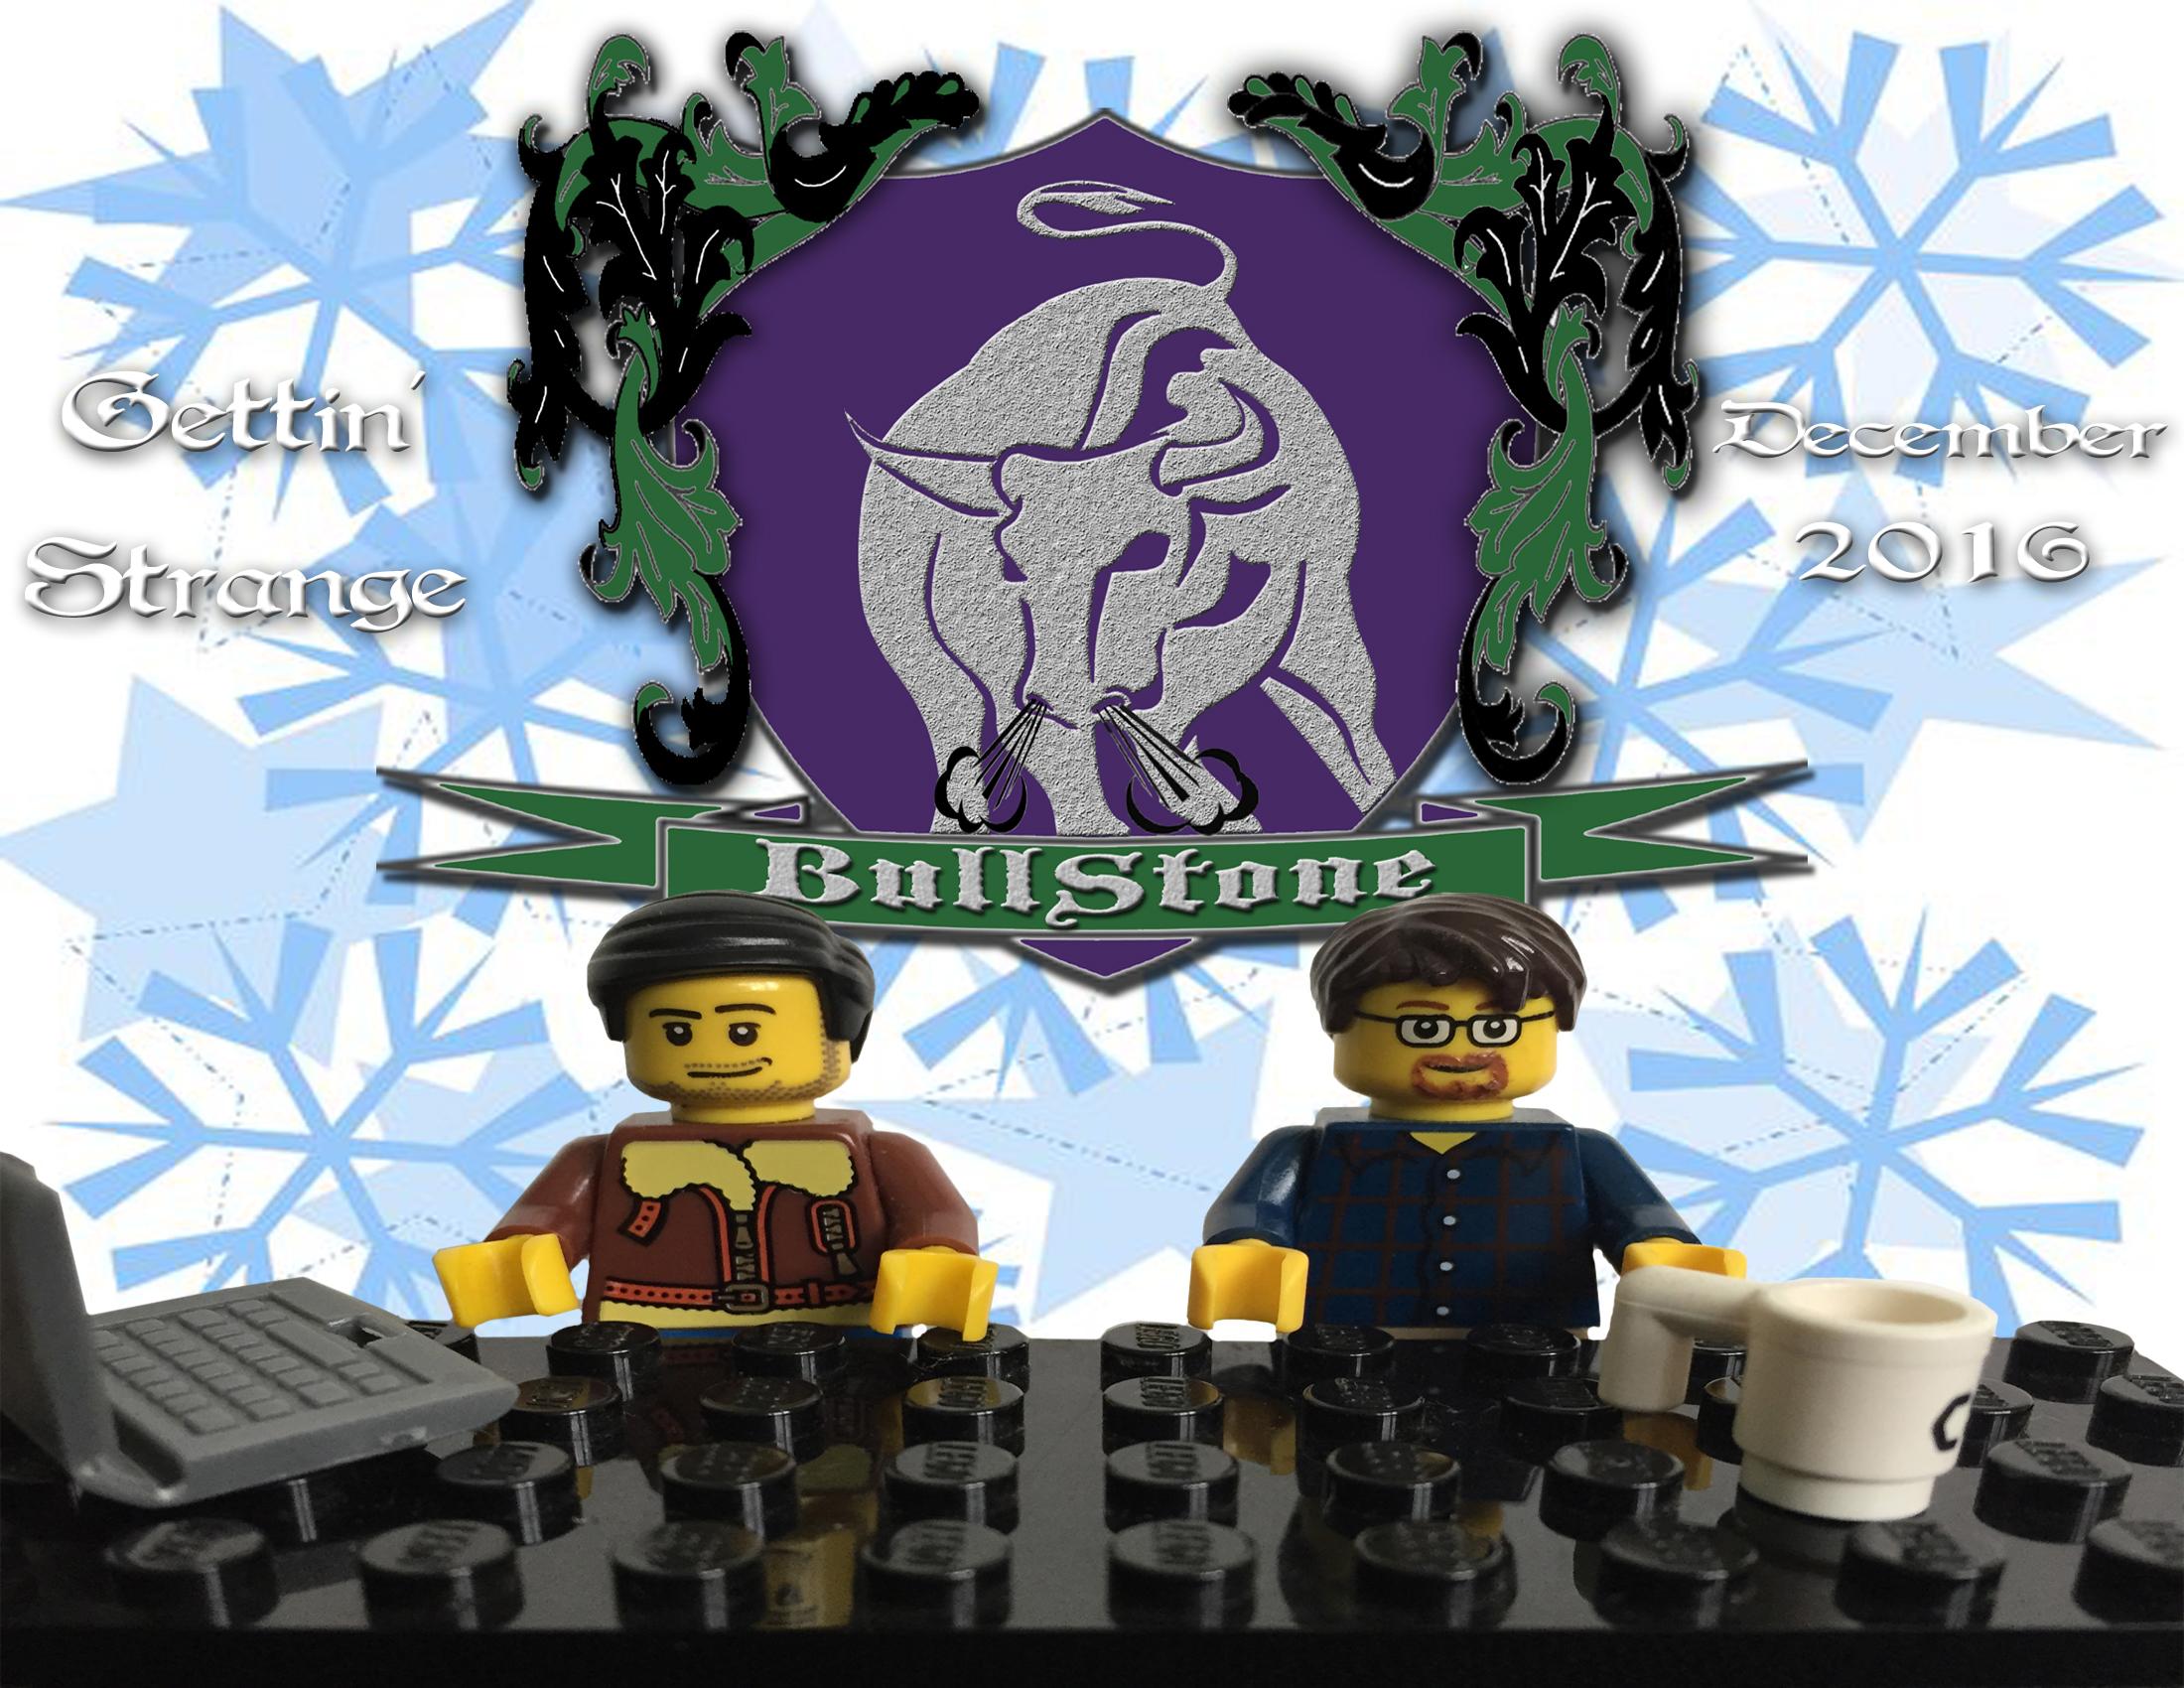 BullStone 23: Gettin' Strange, December 2016